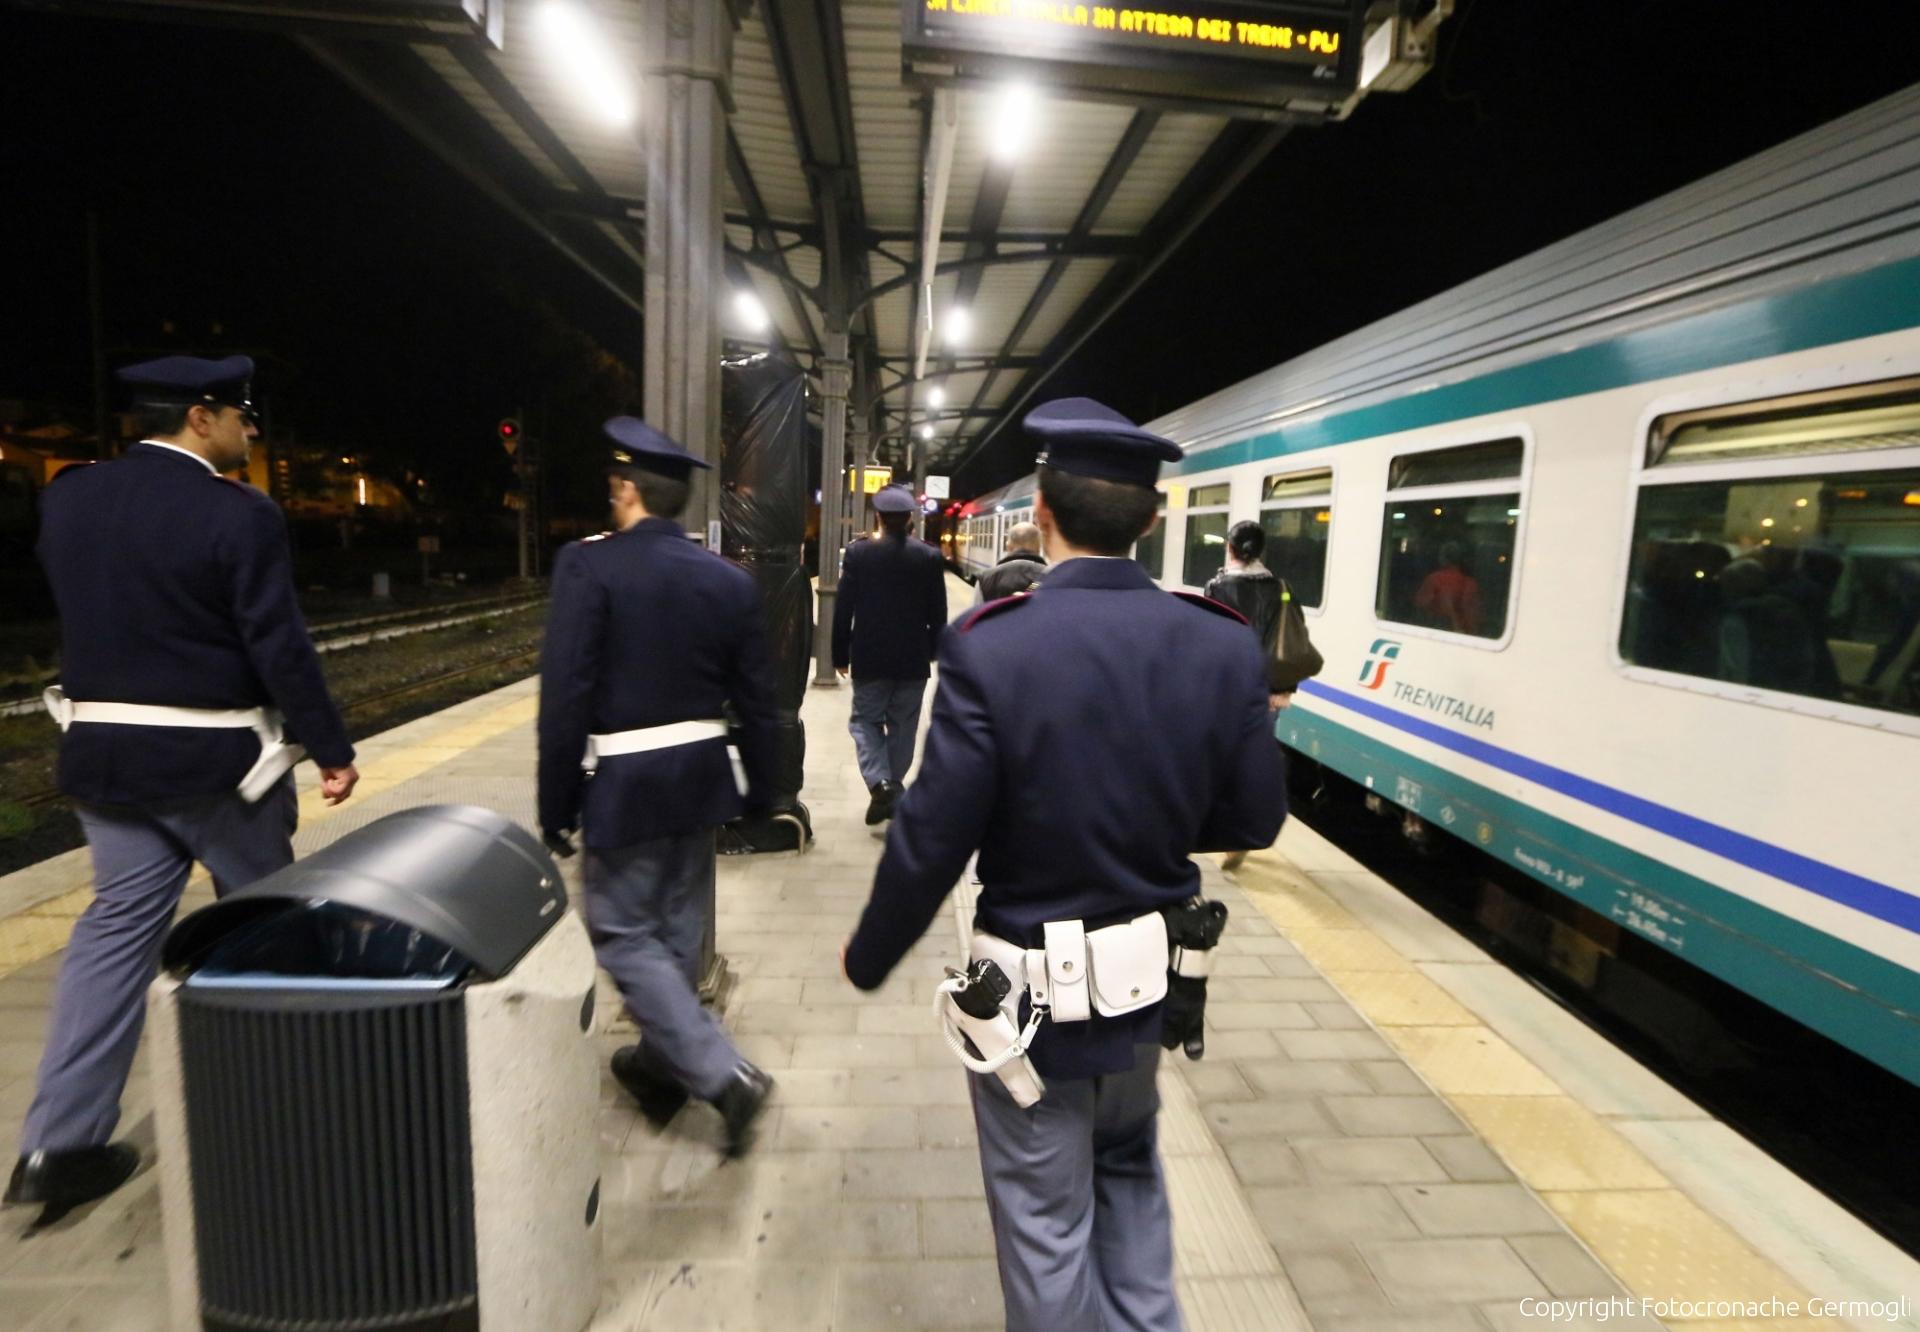 Muore travolto da treno stazione Firenze